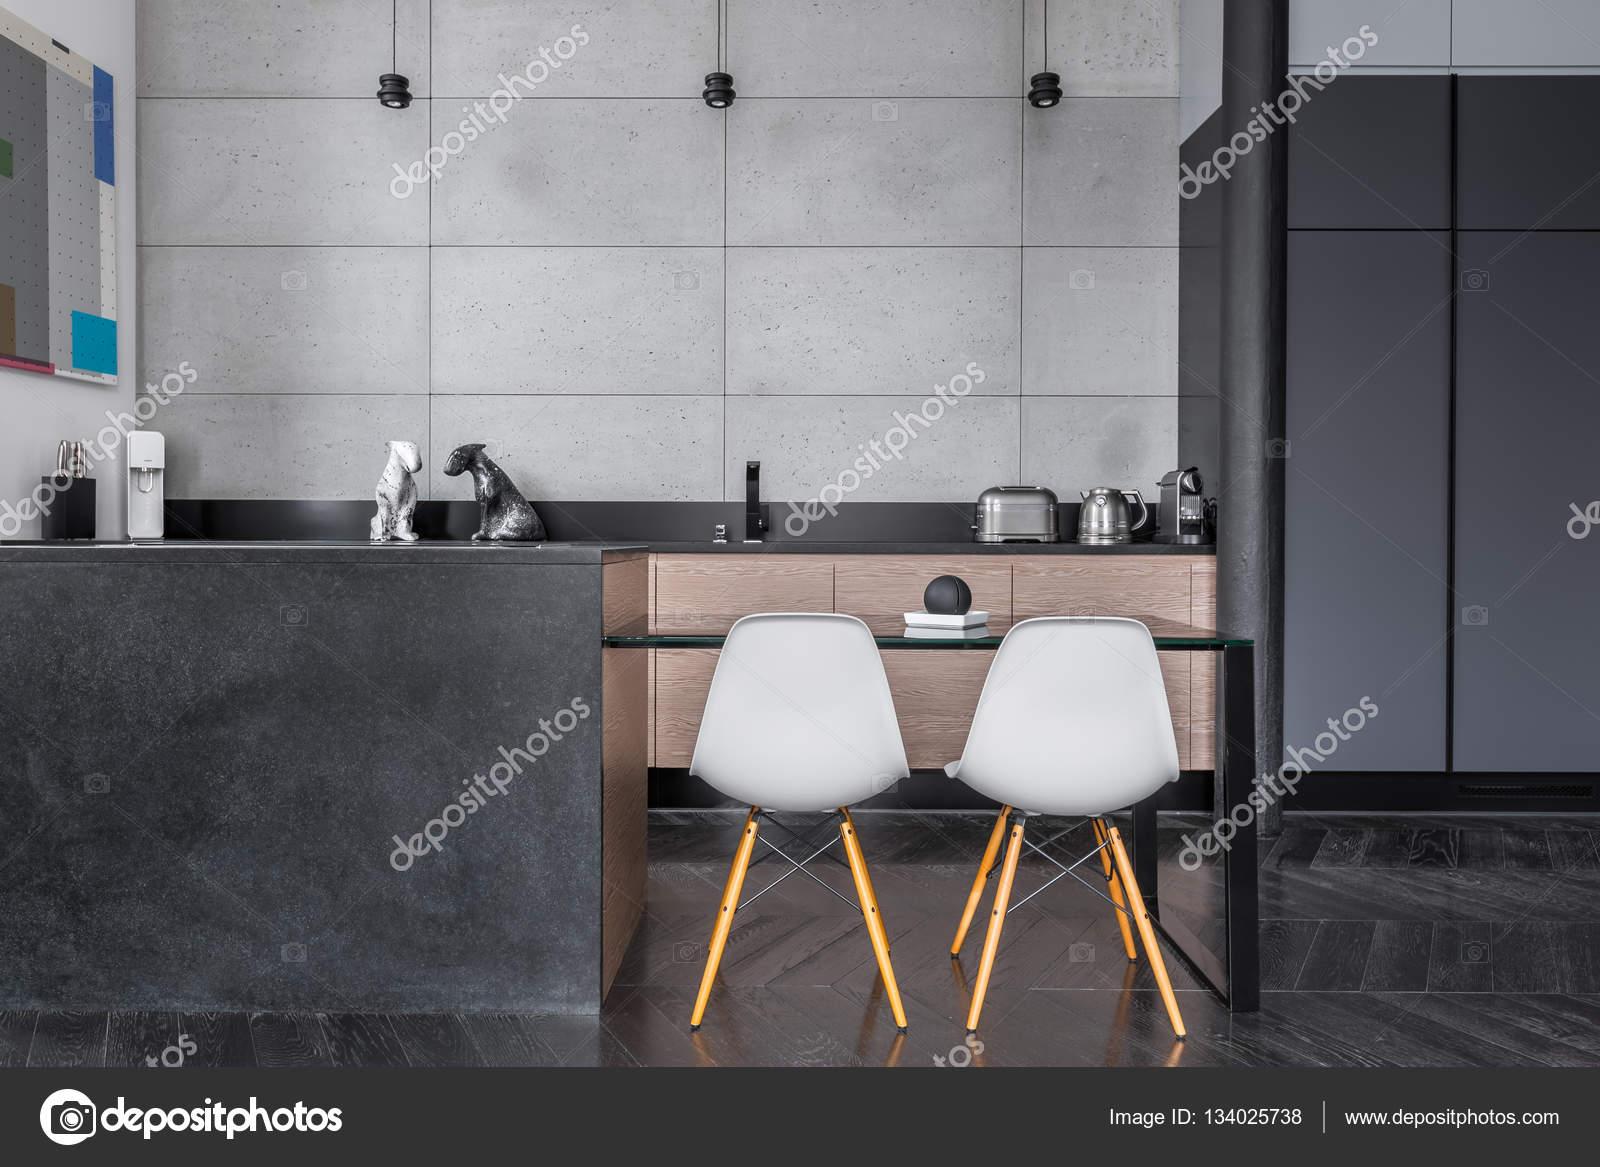 Keuken met grijze wandtegels u stockfoto in mal